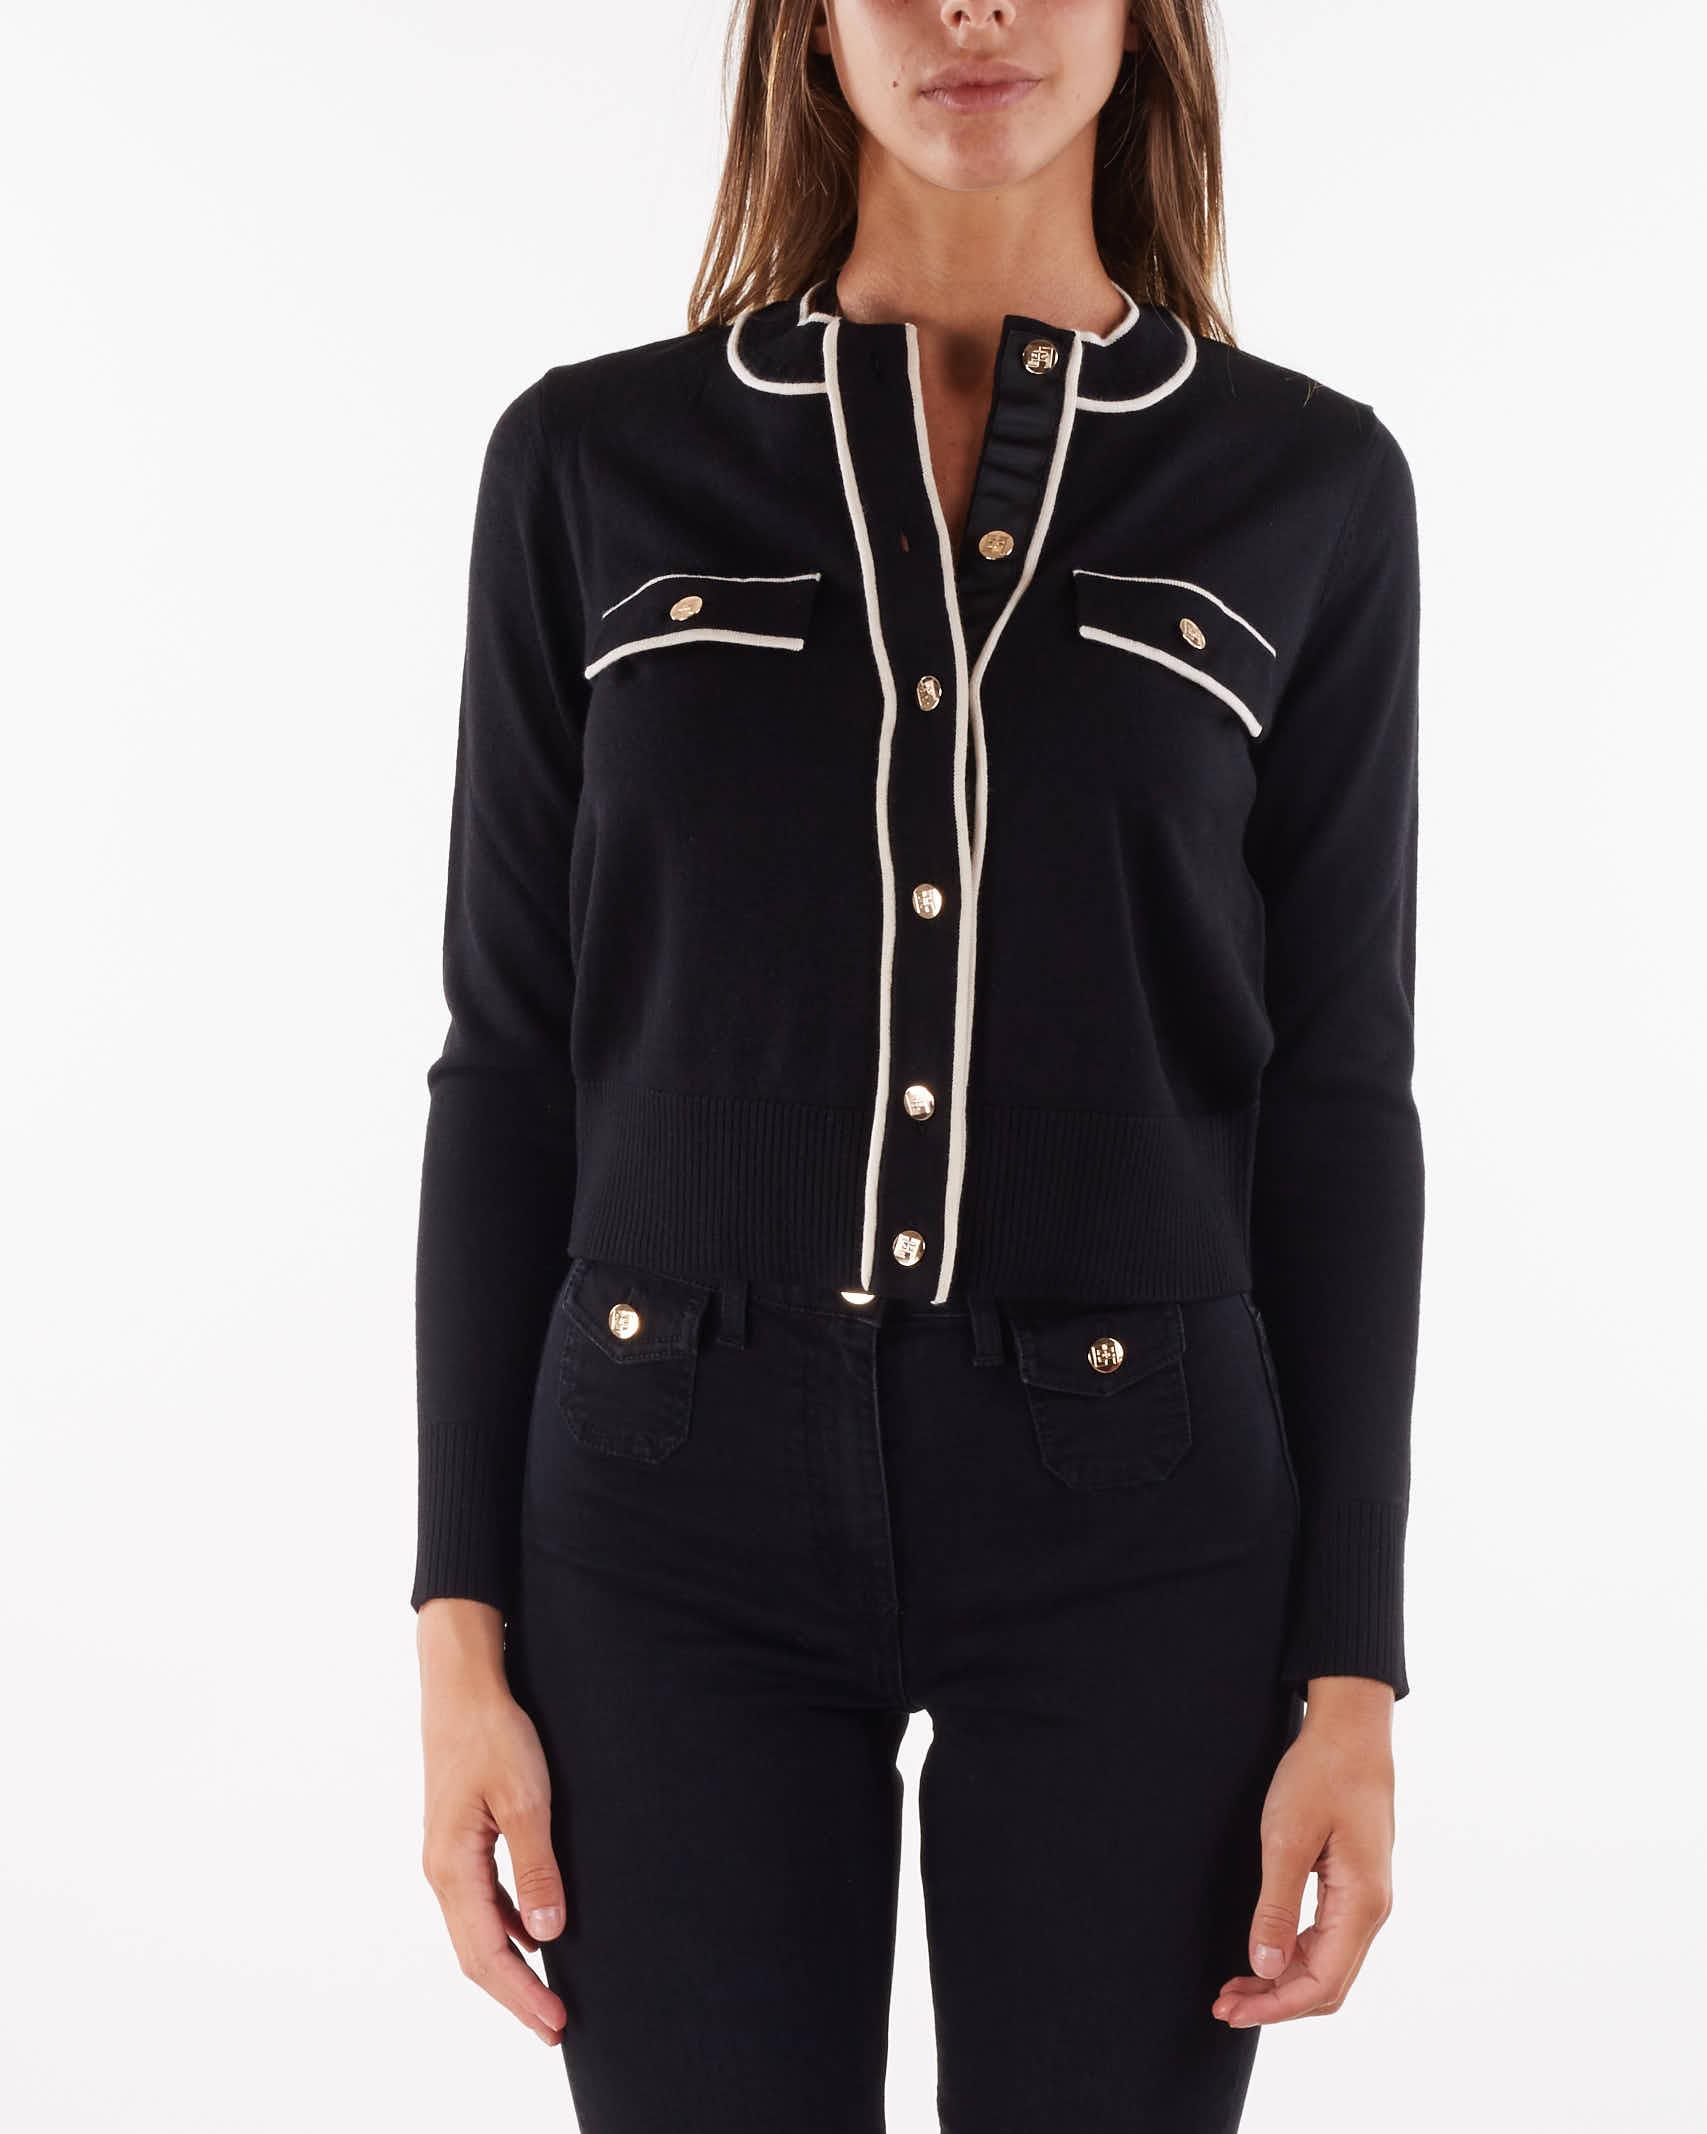 Cardigan con profili a contrasto e bottoni dorati Elisabetta Franchi ELISABETTA FRANCHI   Maglia   MK31S16E2685